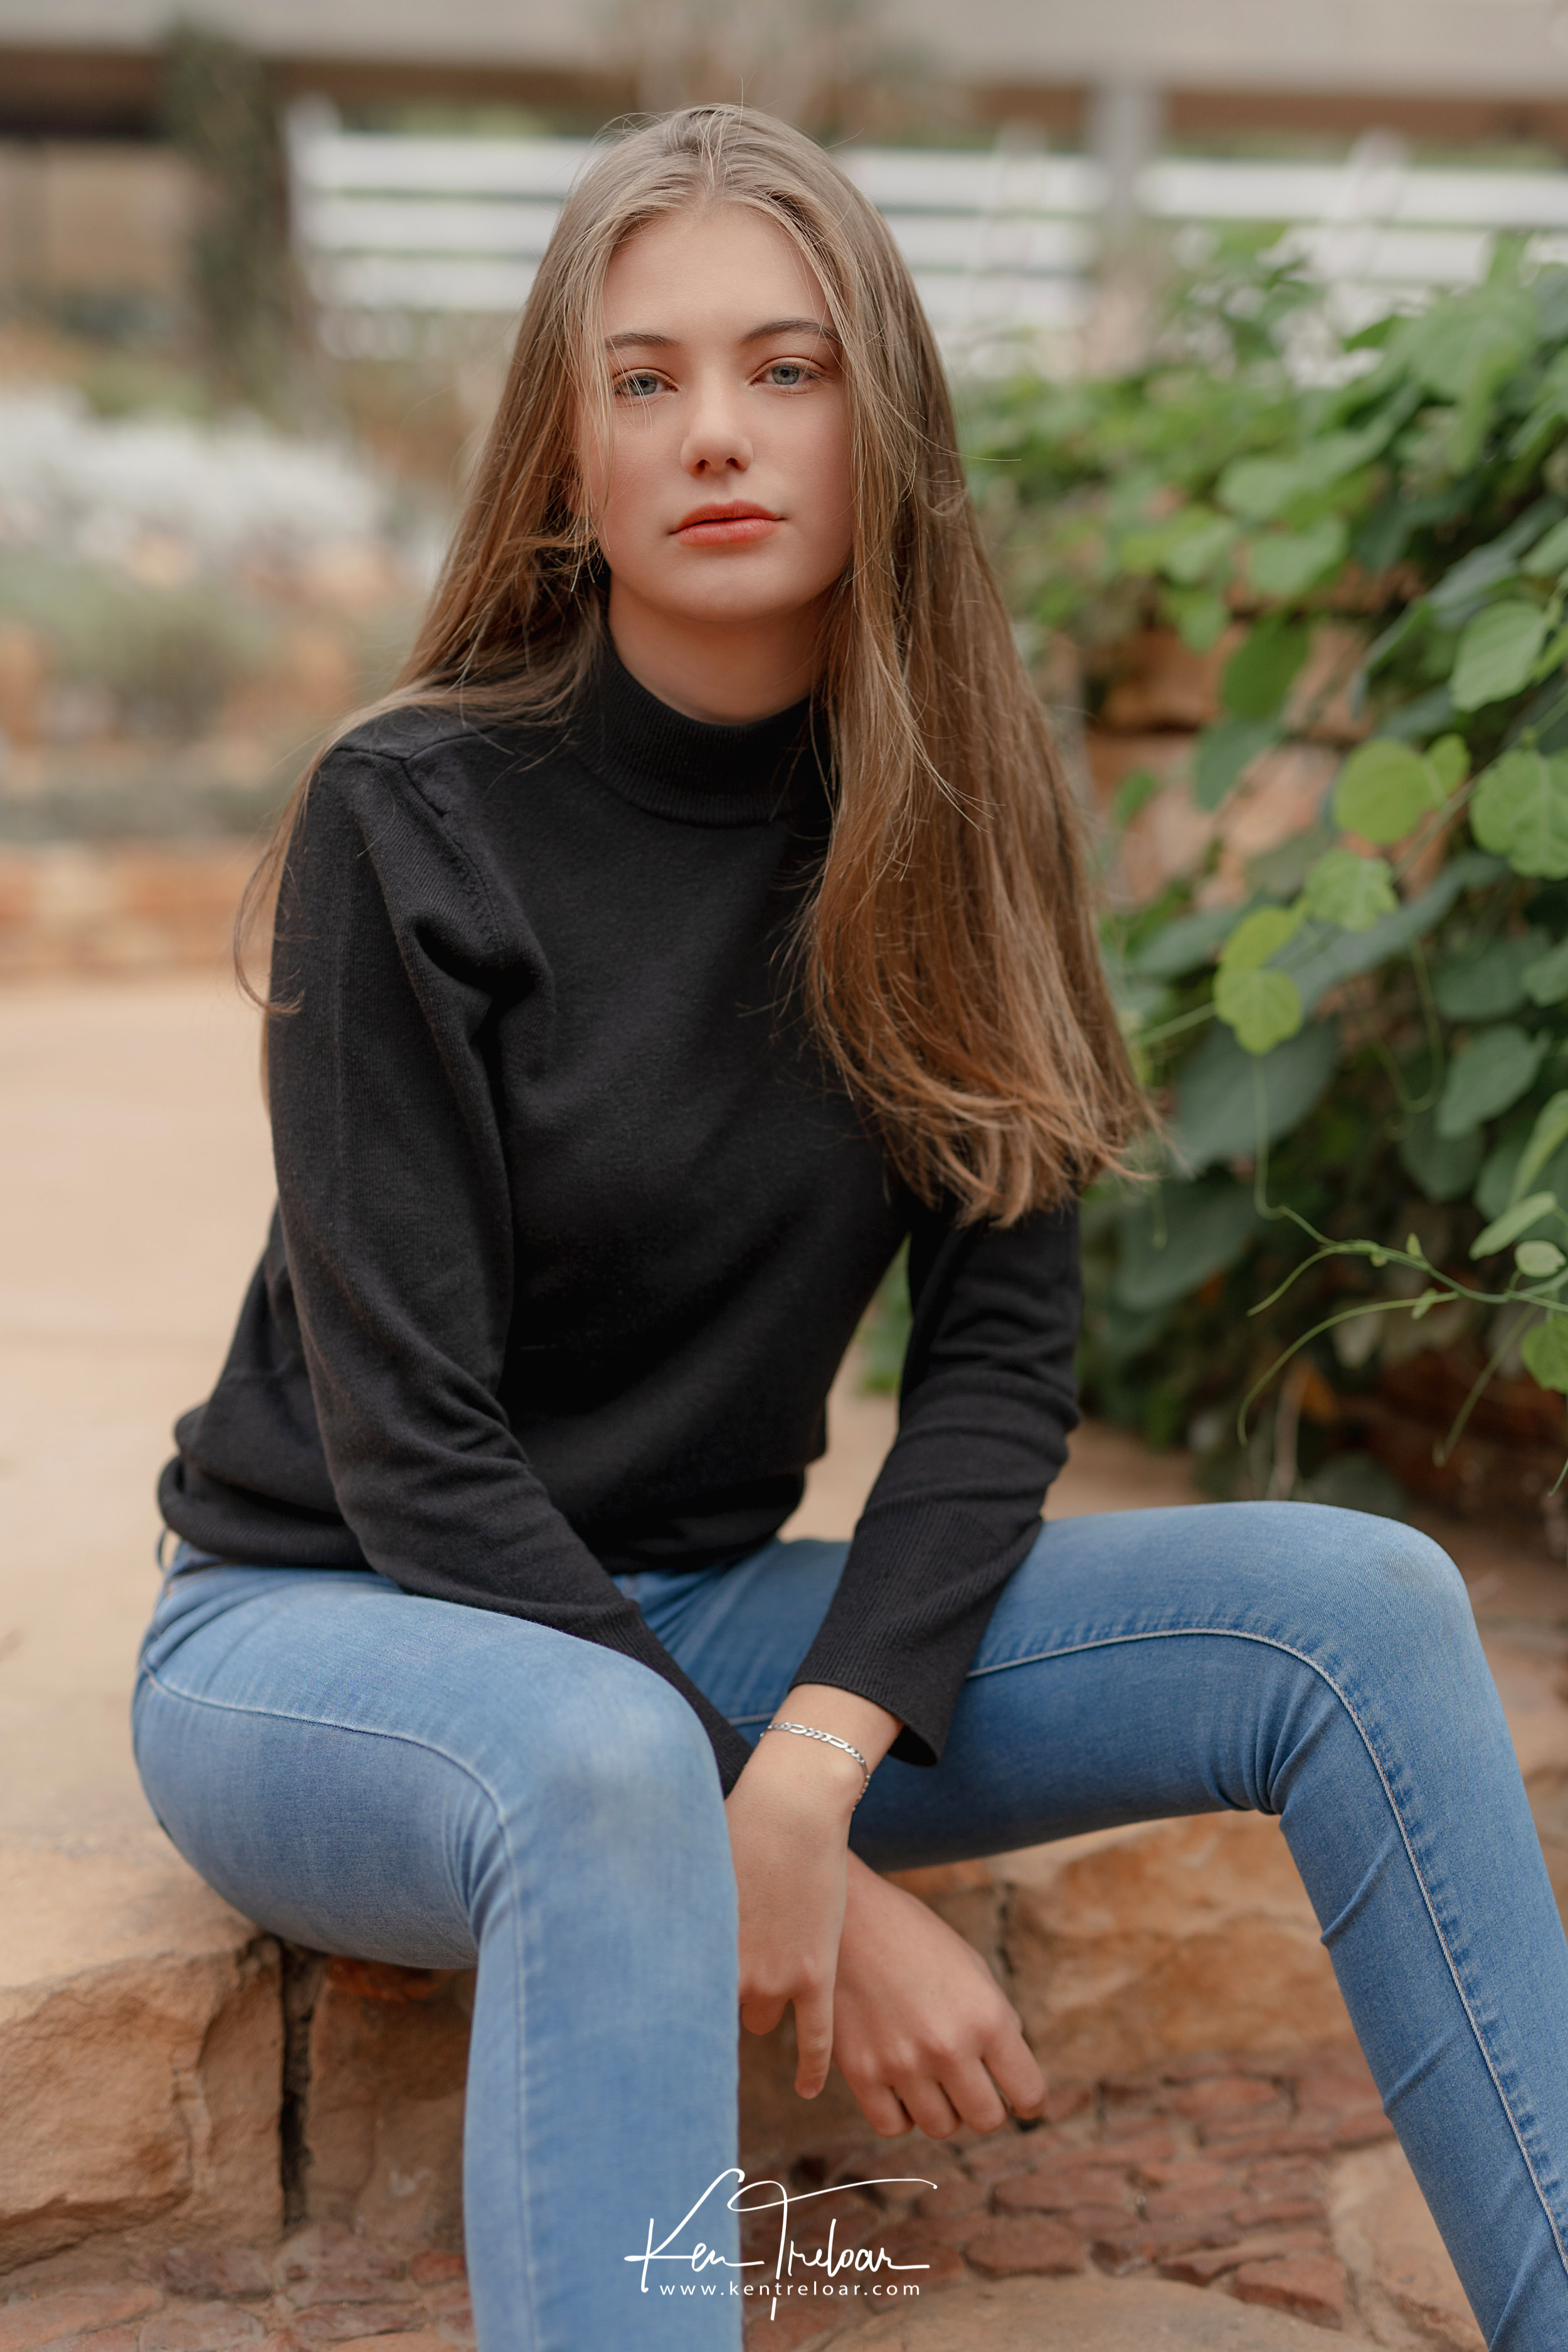 Nika Wood Portraits - Boss Models Cape Town by Ken Treloar - Cape Image Co-16.jpg